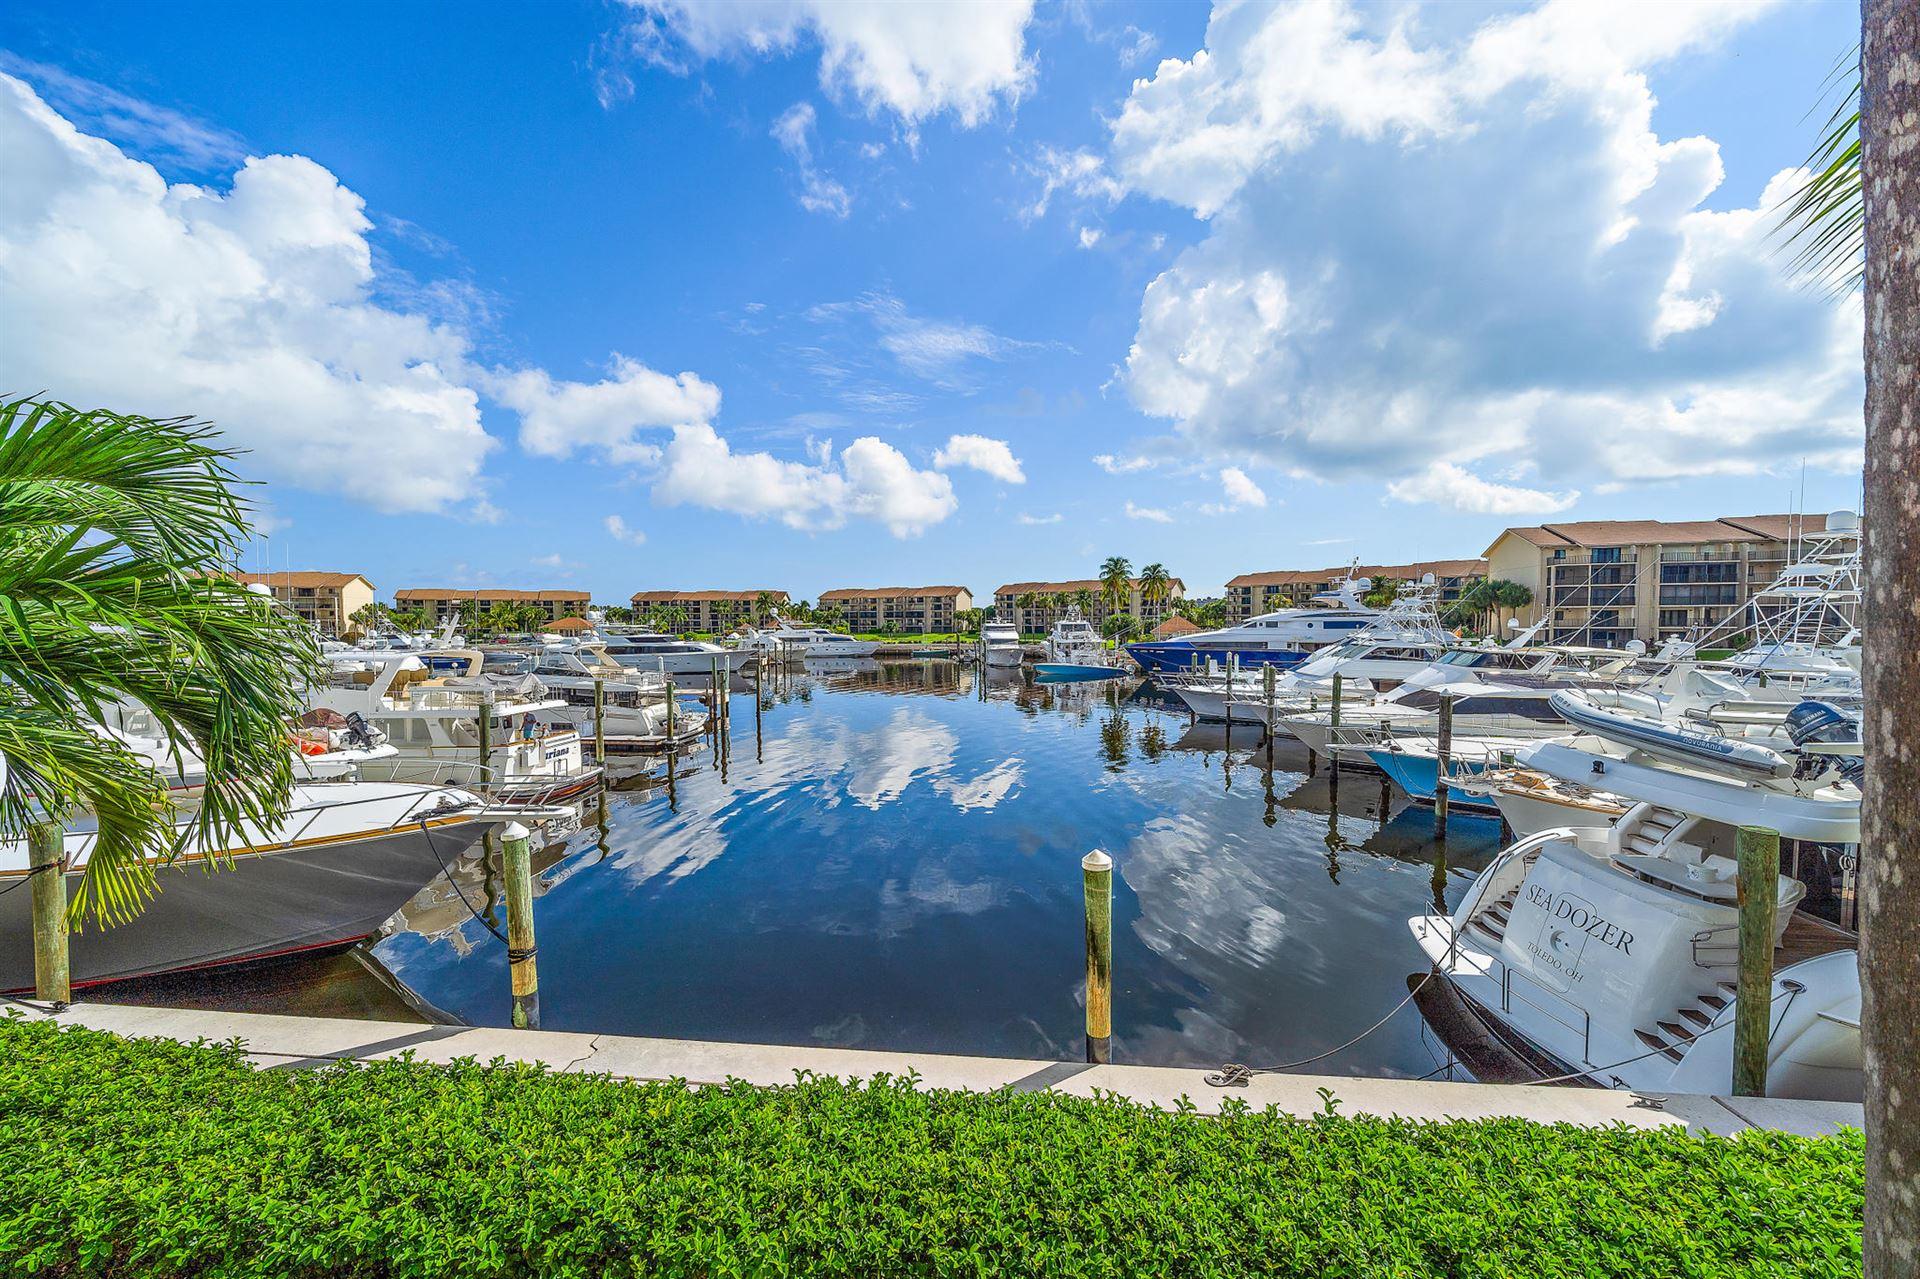 Photo of 2401 Marina Isle Way #205, Jupiter, FL 33477 (MLS # RX-10662863)